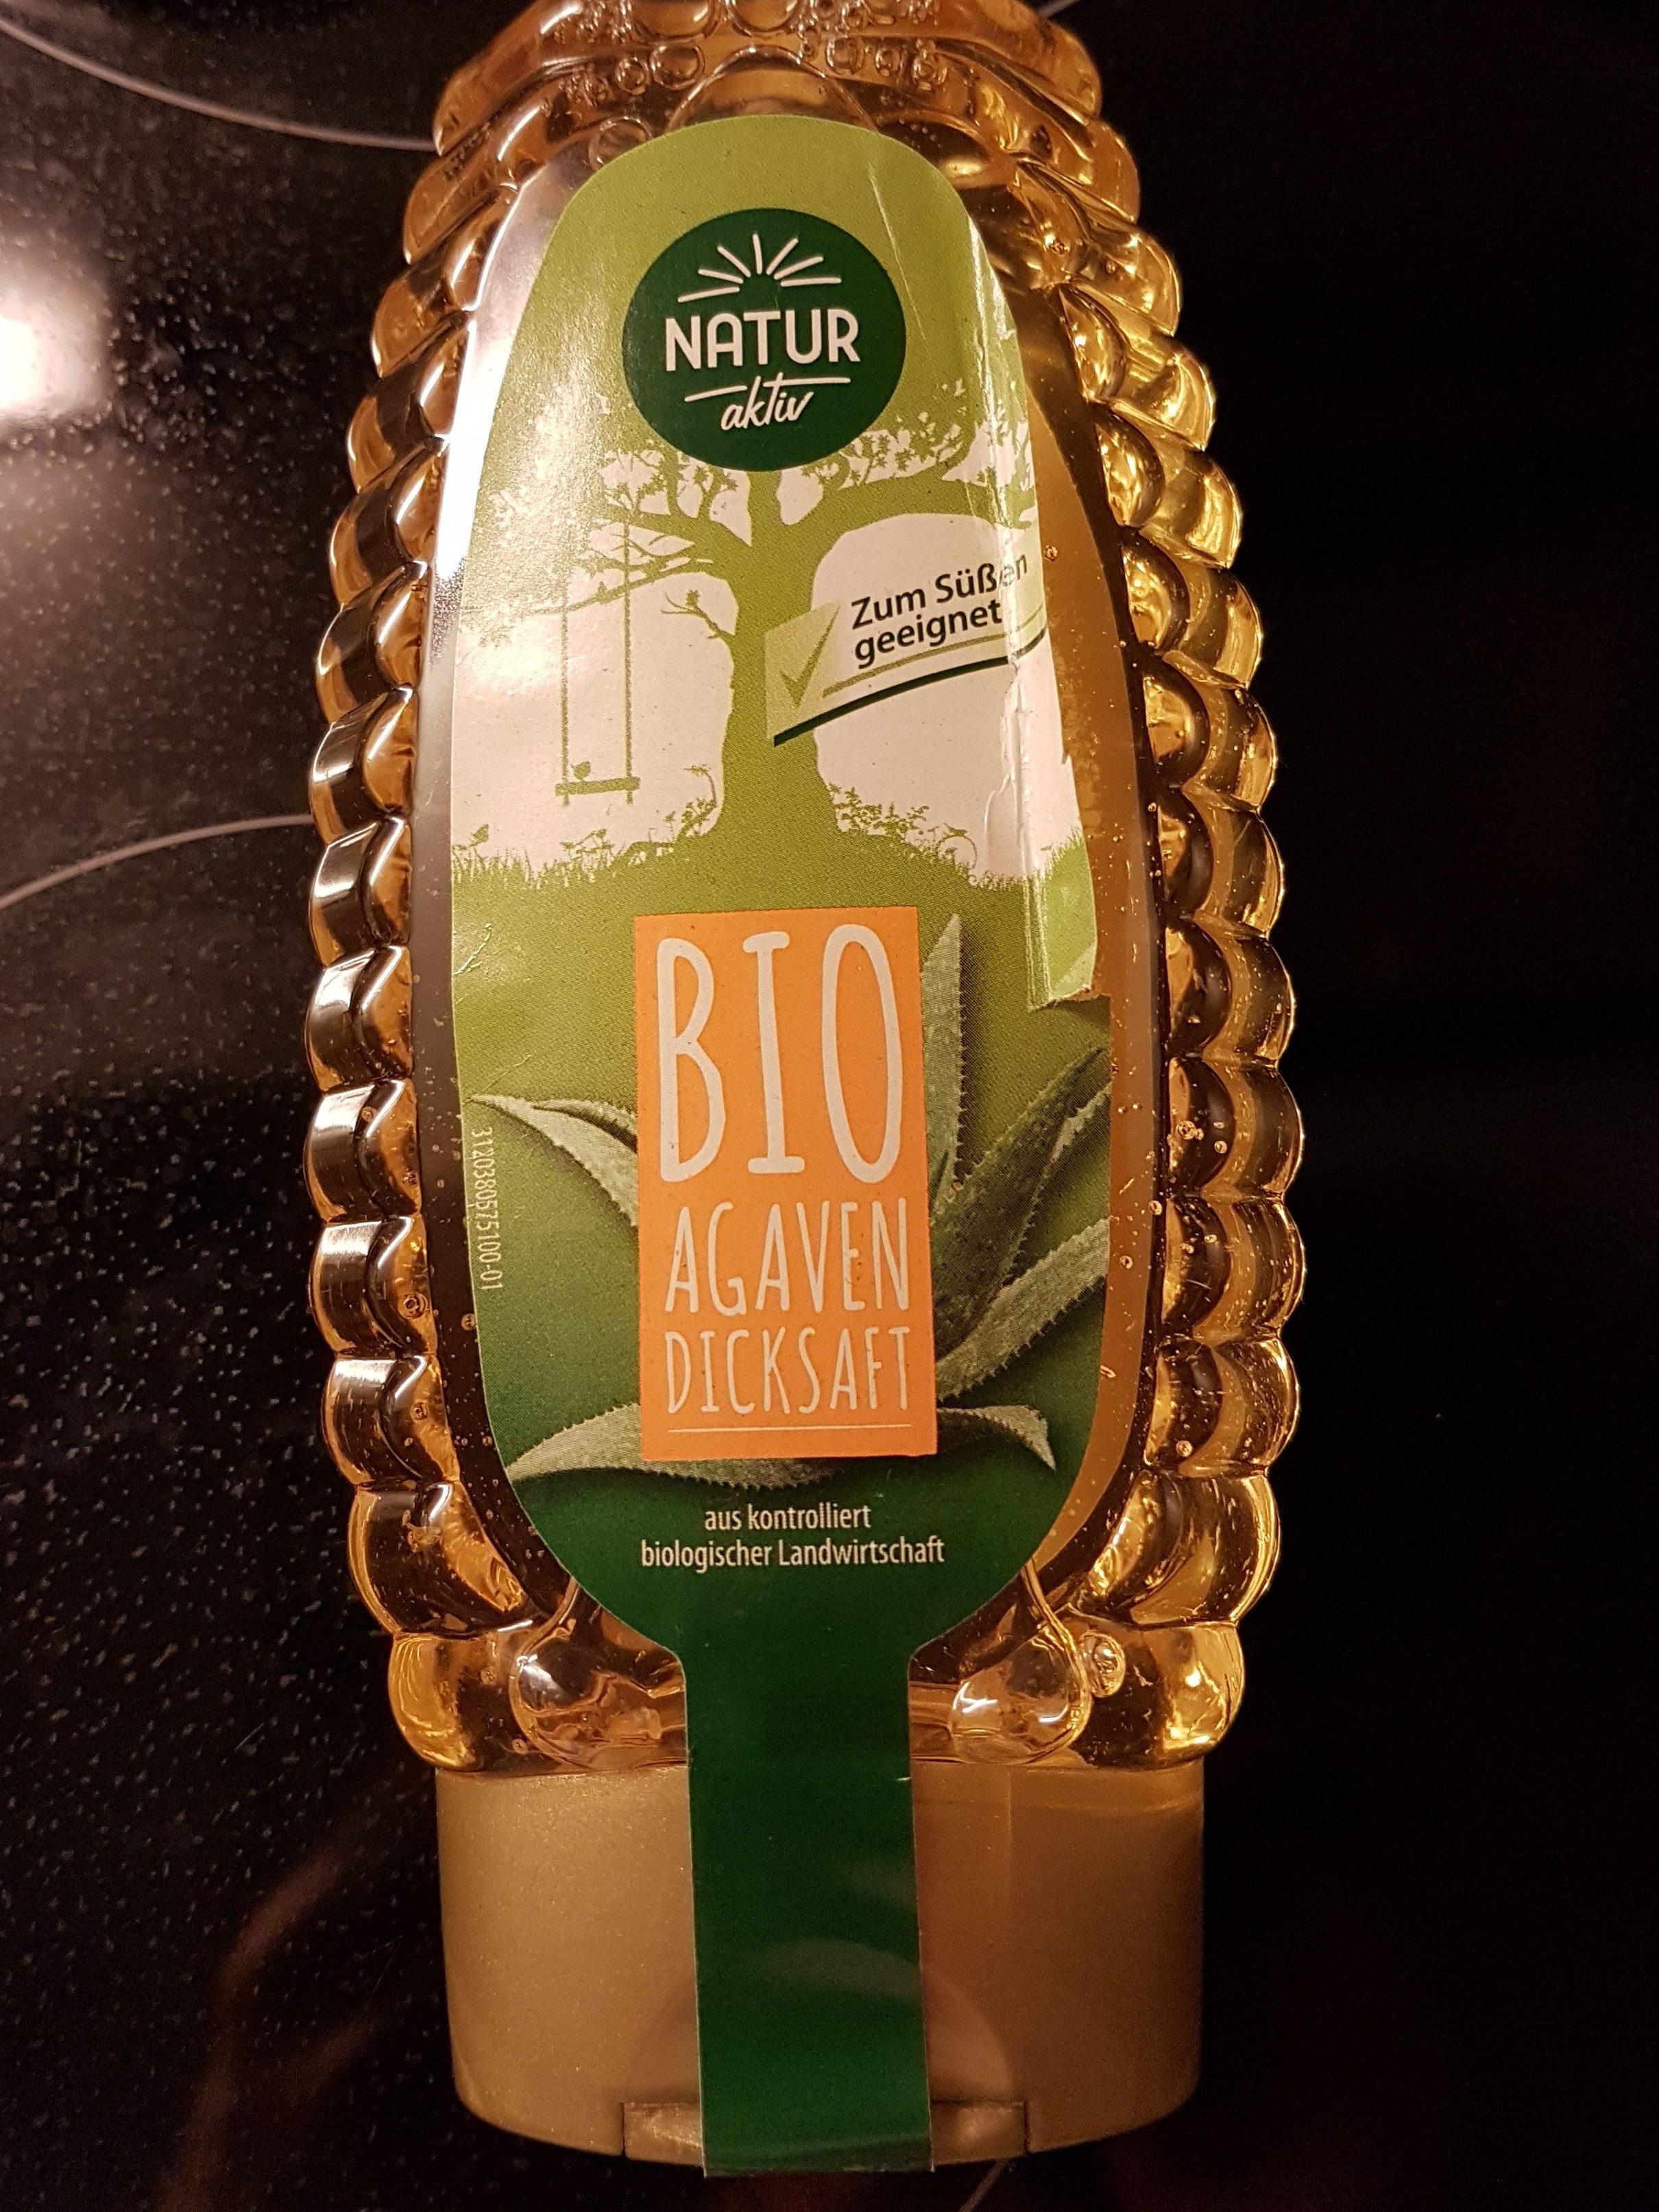 bio agaven dicksaft - Product - de